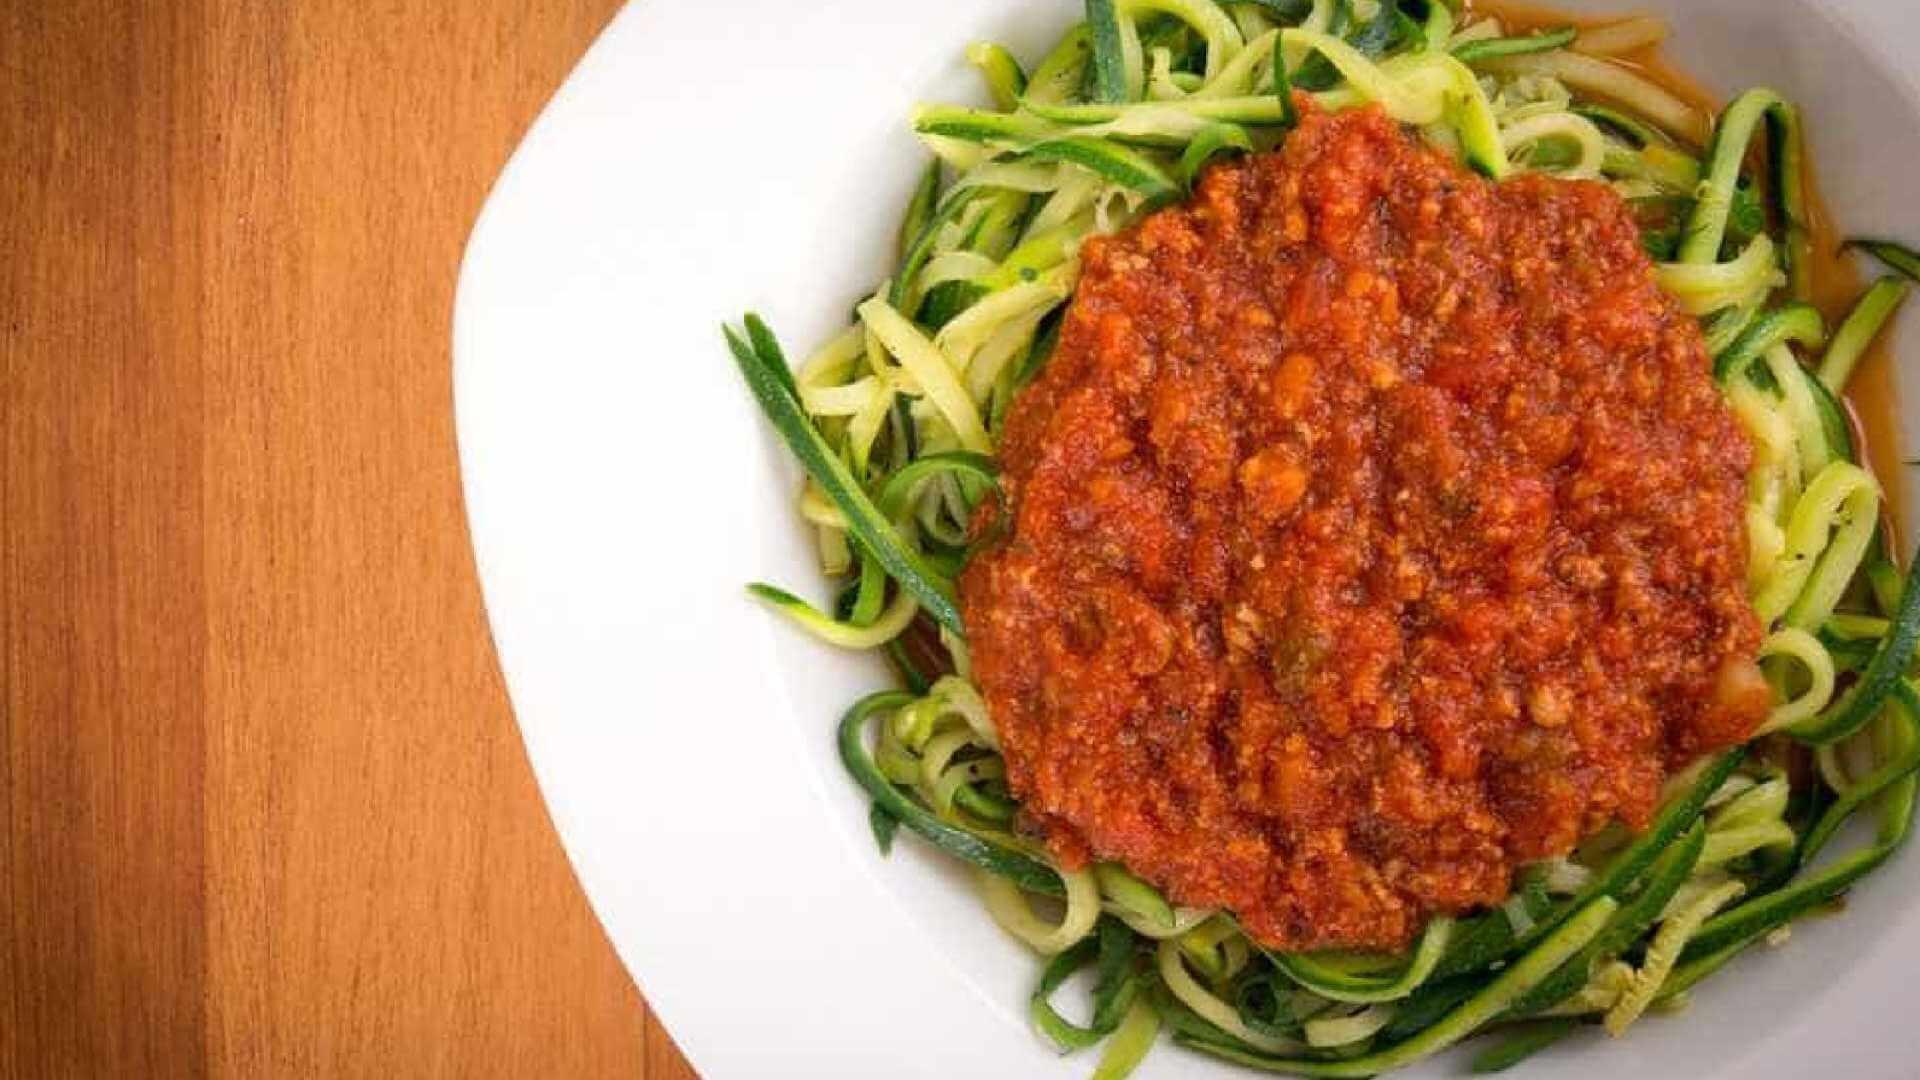 Receita Leve Para o Jantar: Espaguete Low Carb de Abobrinha ao Molho Bolonhesa